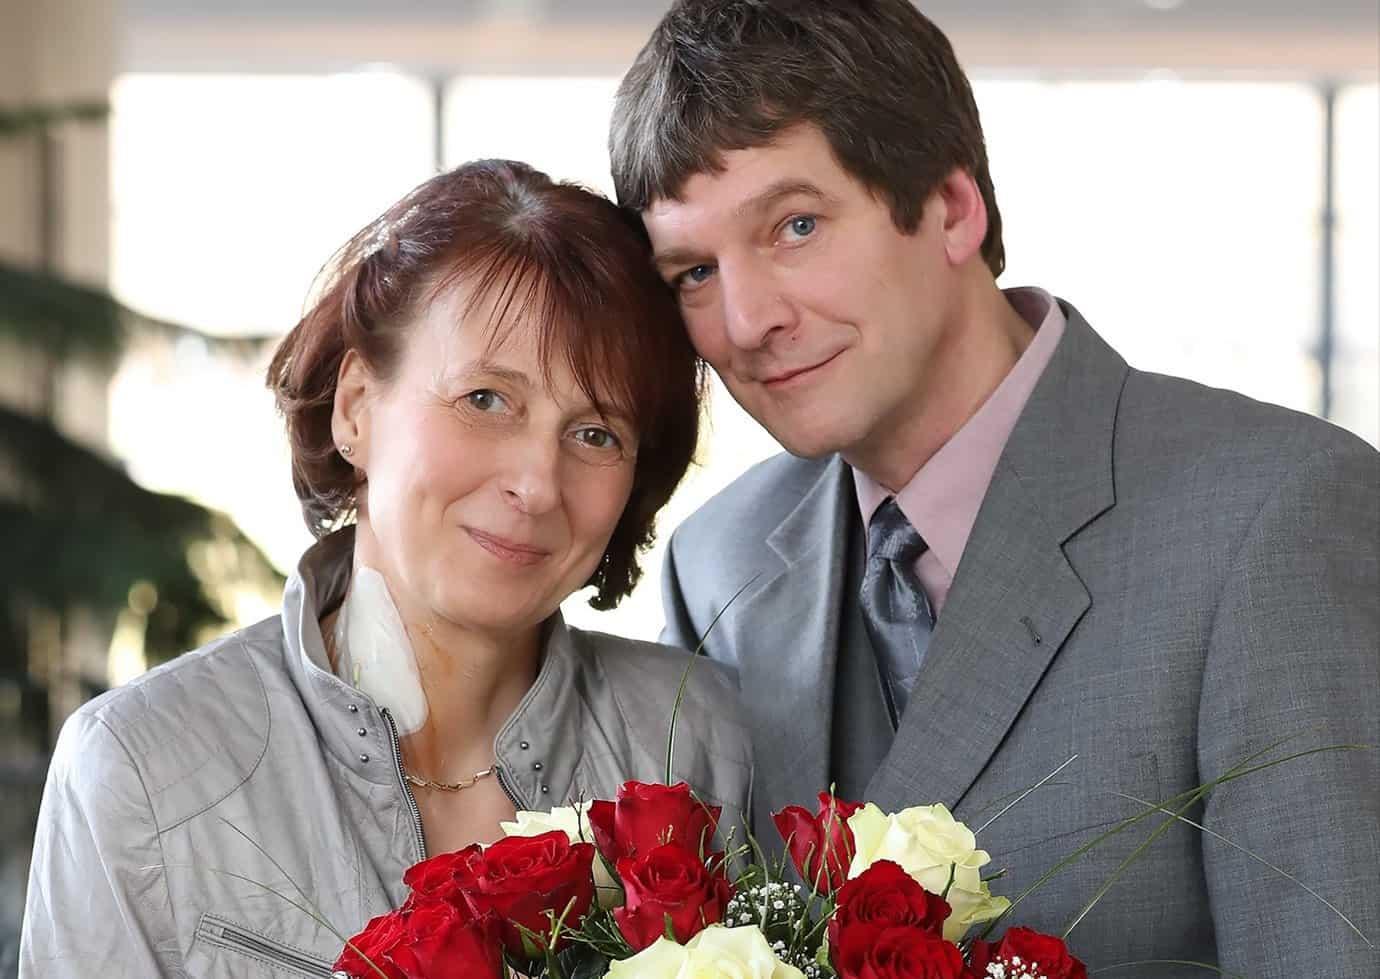 Hochzeit im Helios Klinikum Berlin-Buch: Für die Liebe ist es nie zu spät